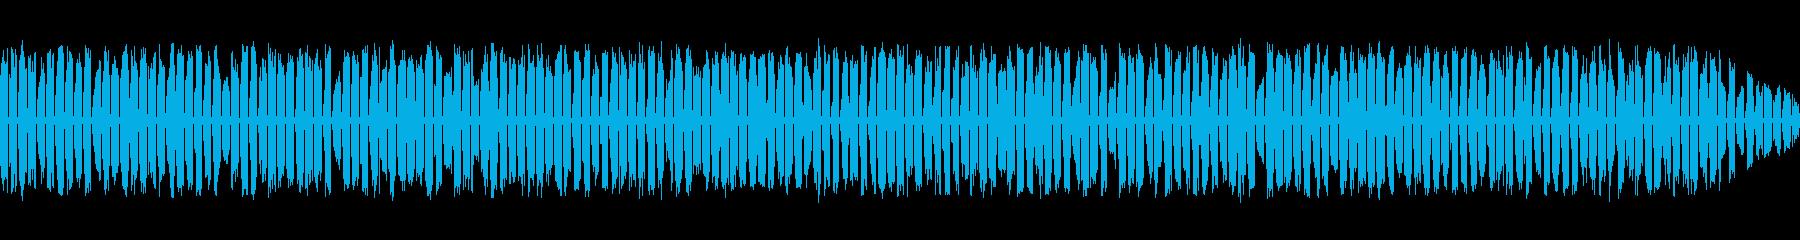 コンピューターベッドの再生済みの波形